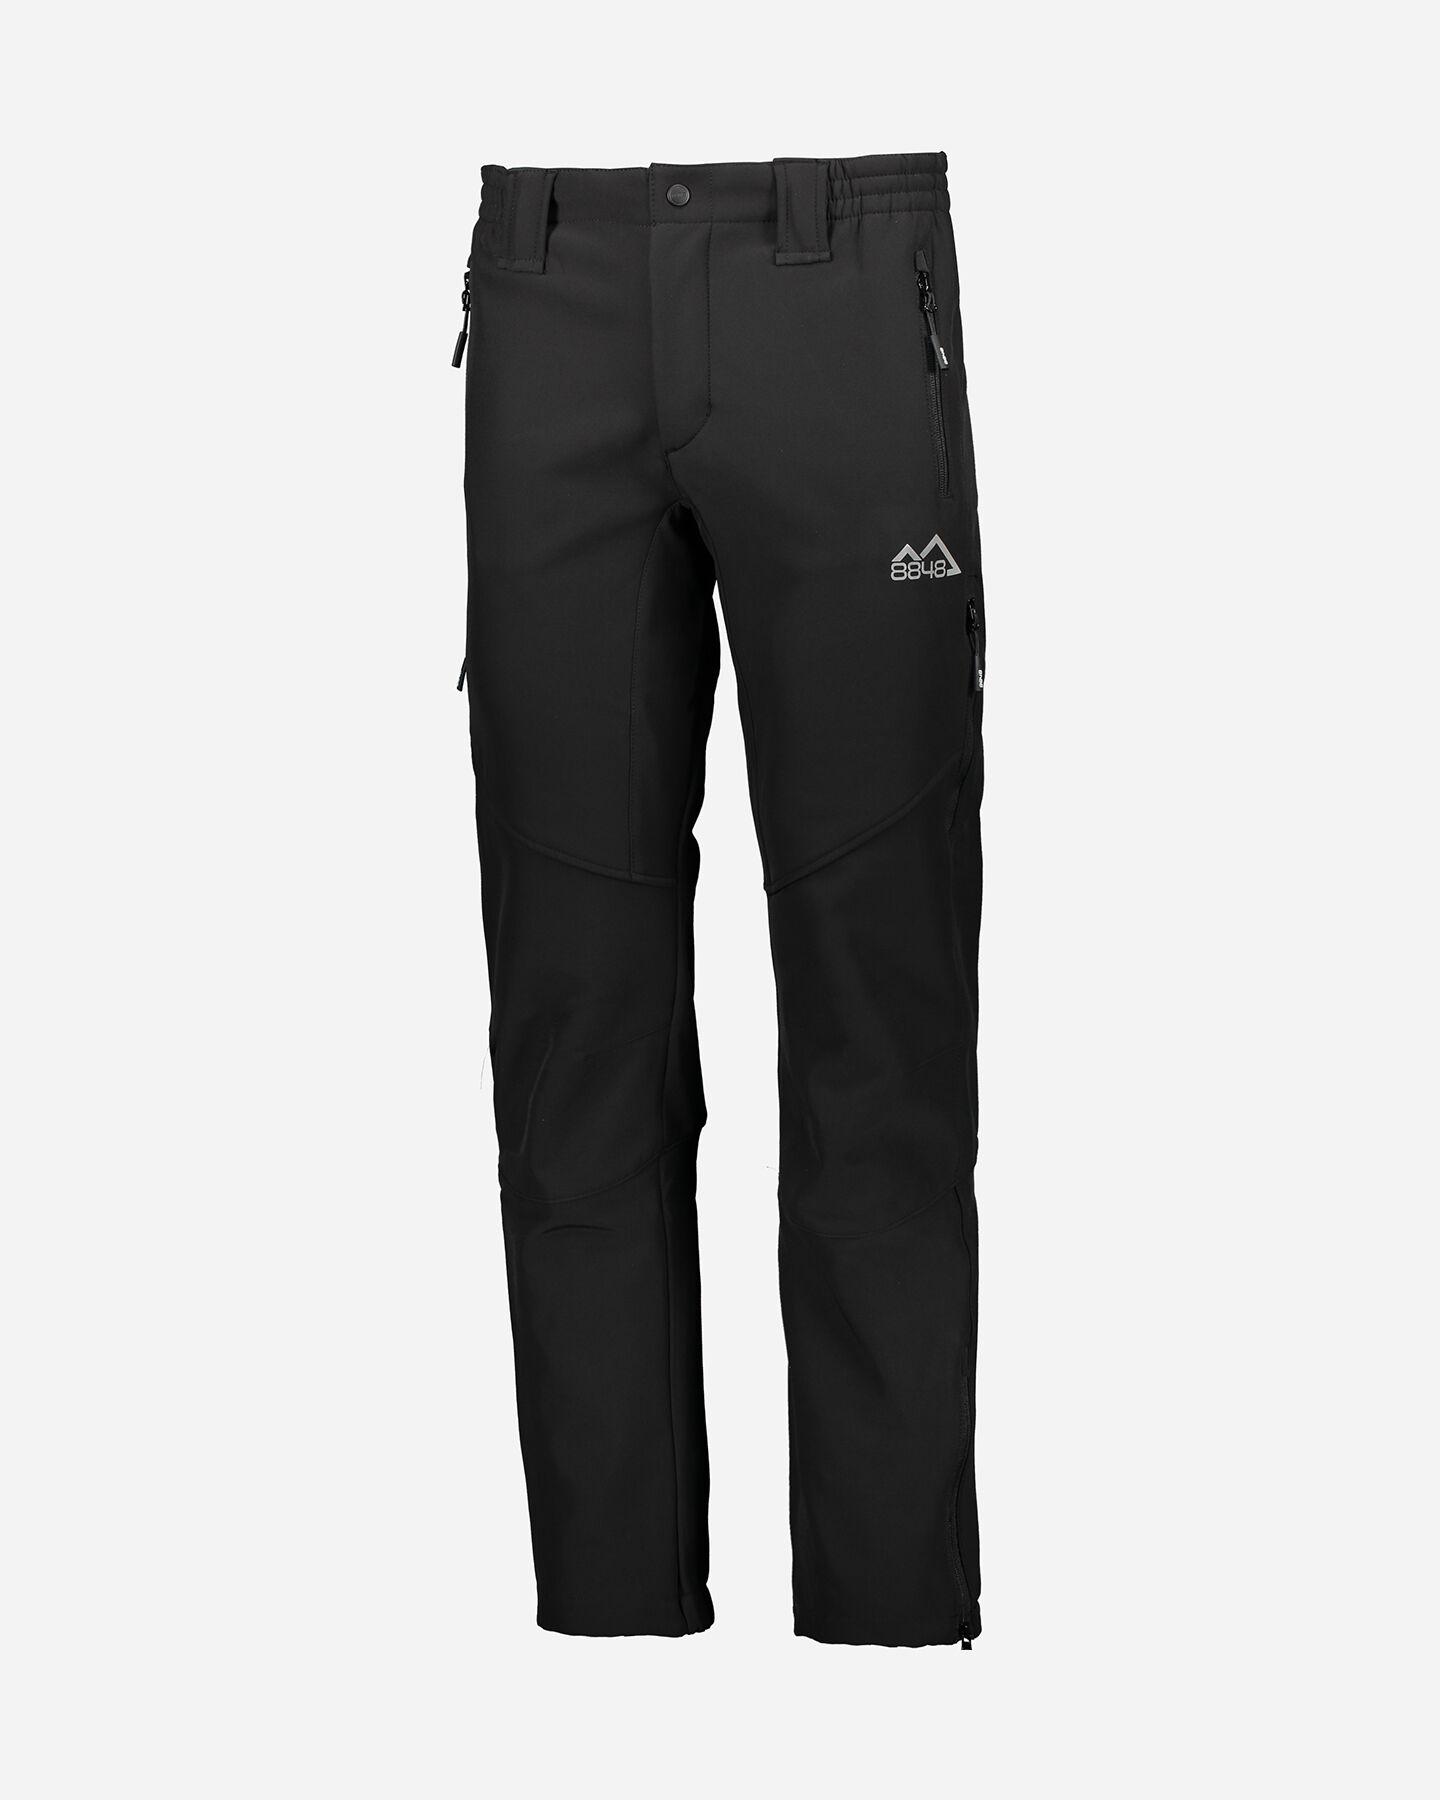 Pantalone outdoor 8848 PERTH M S1265783 scatto 0